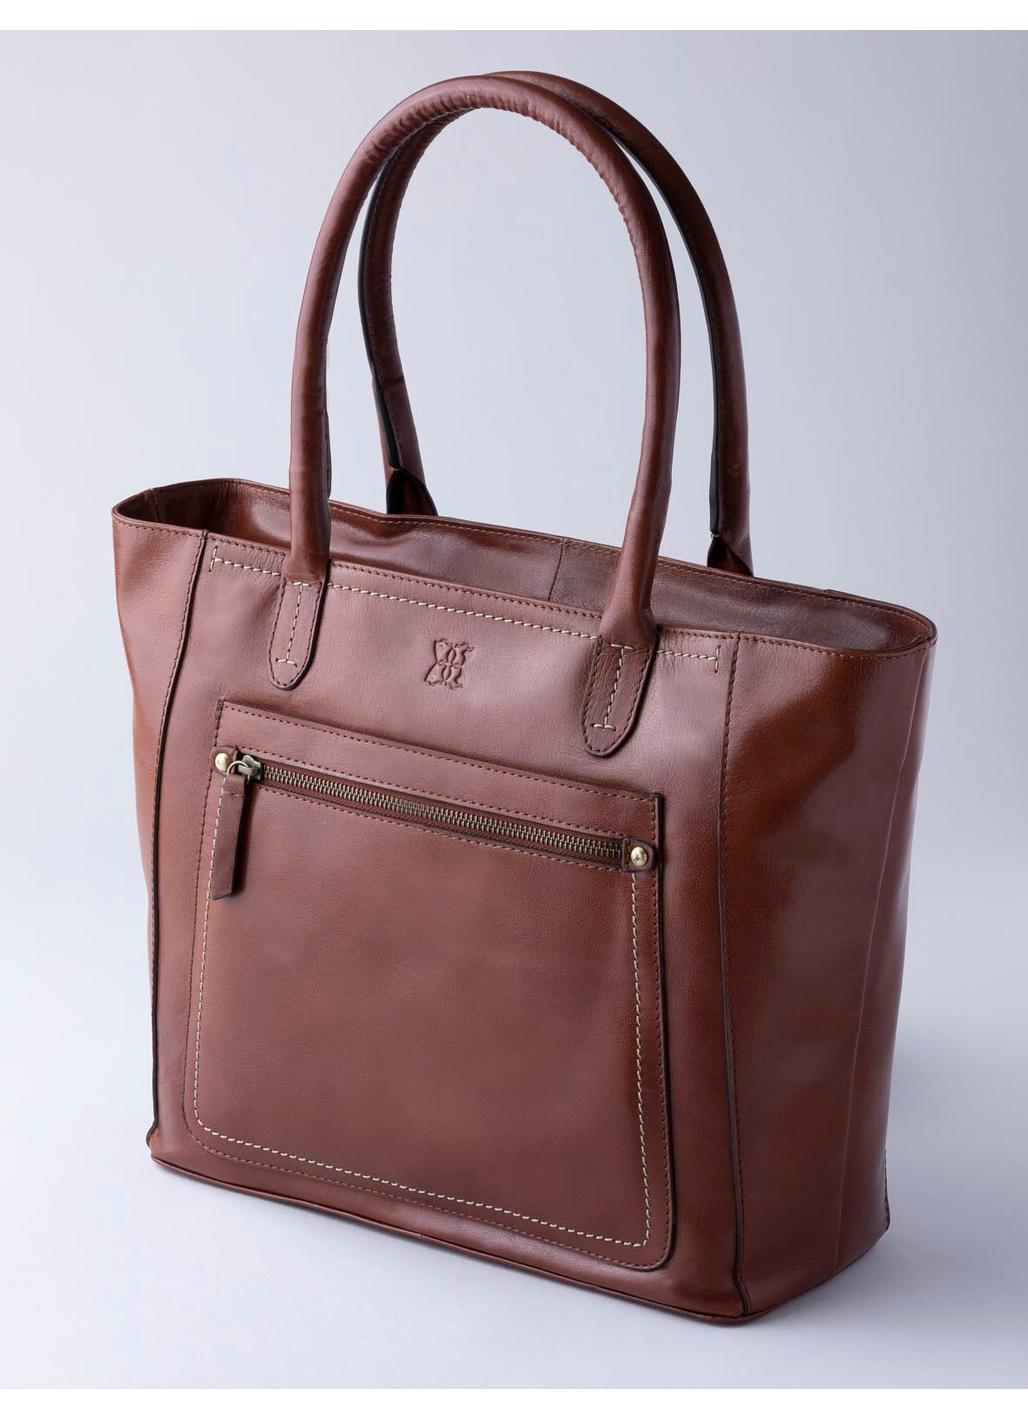 Arnside Large Leather Shoulder Bag in Tan